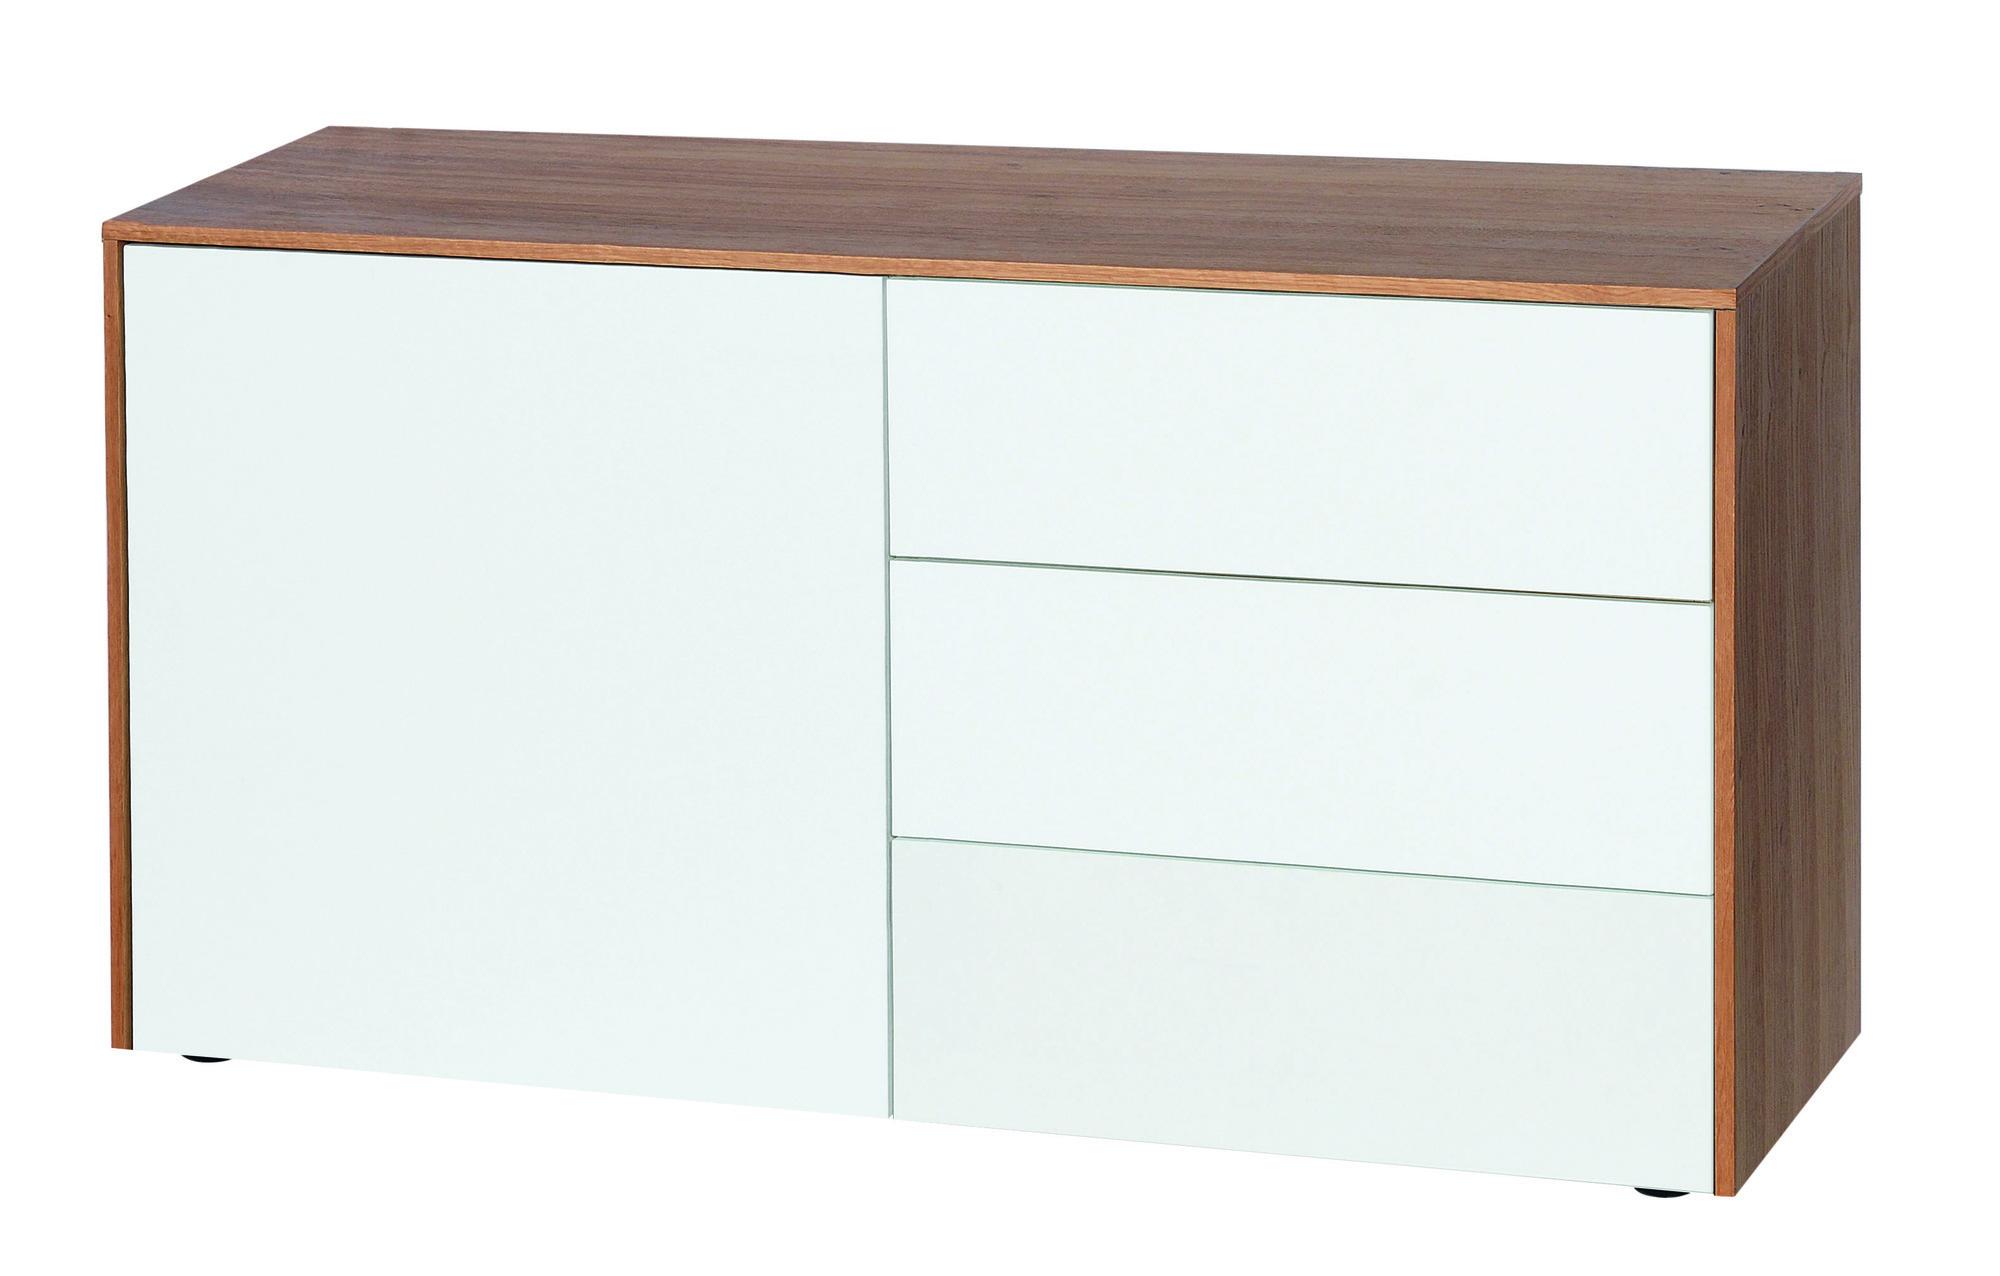 1547719135-wohnzimmer-sideboard-lodge.jpg